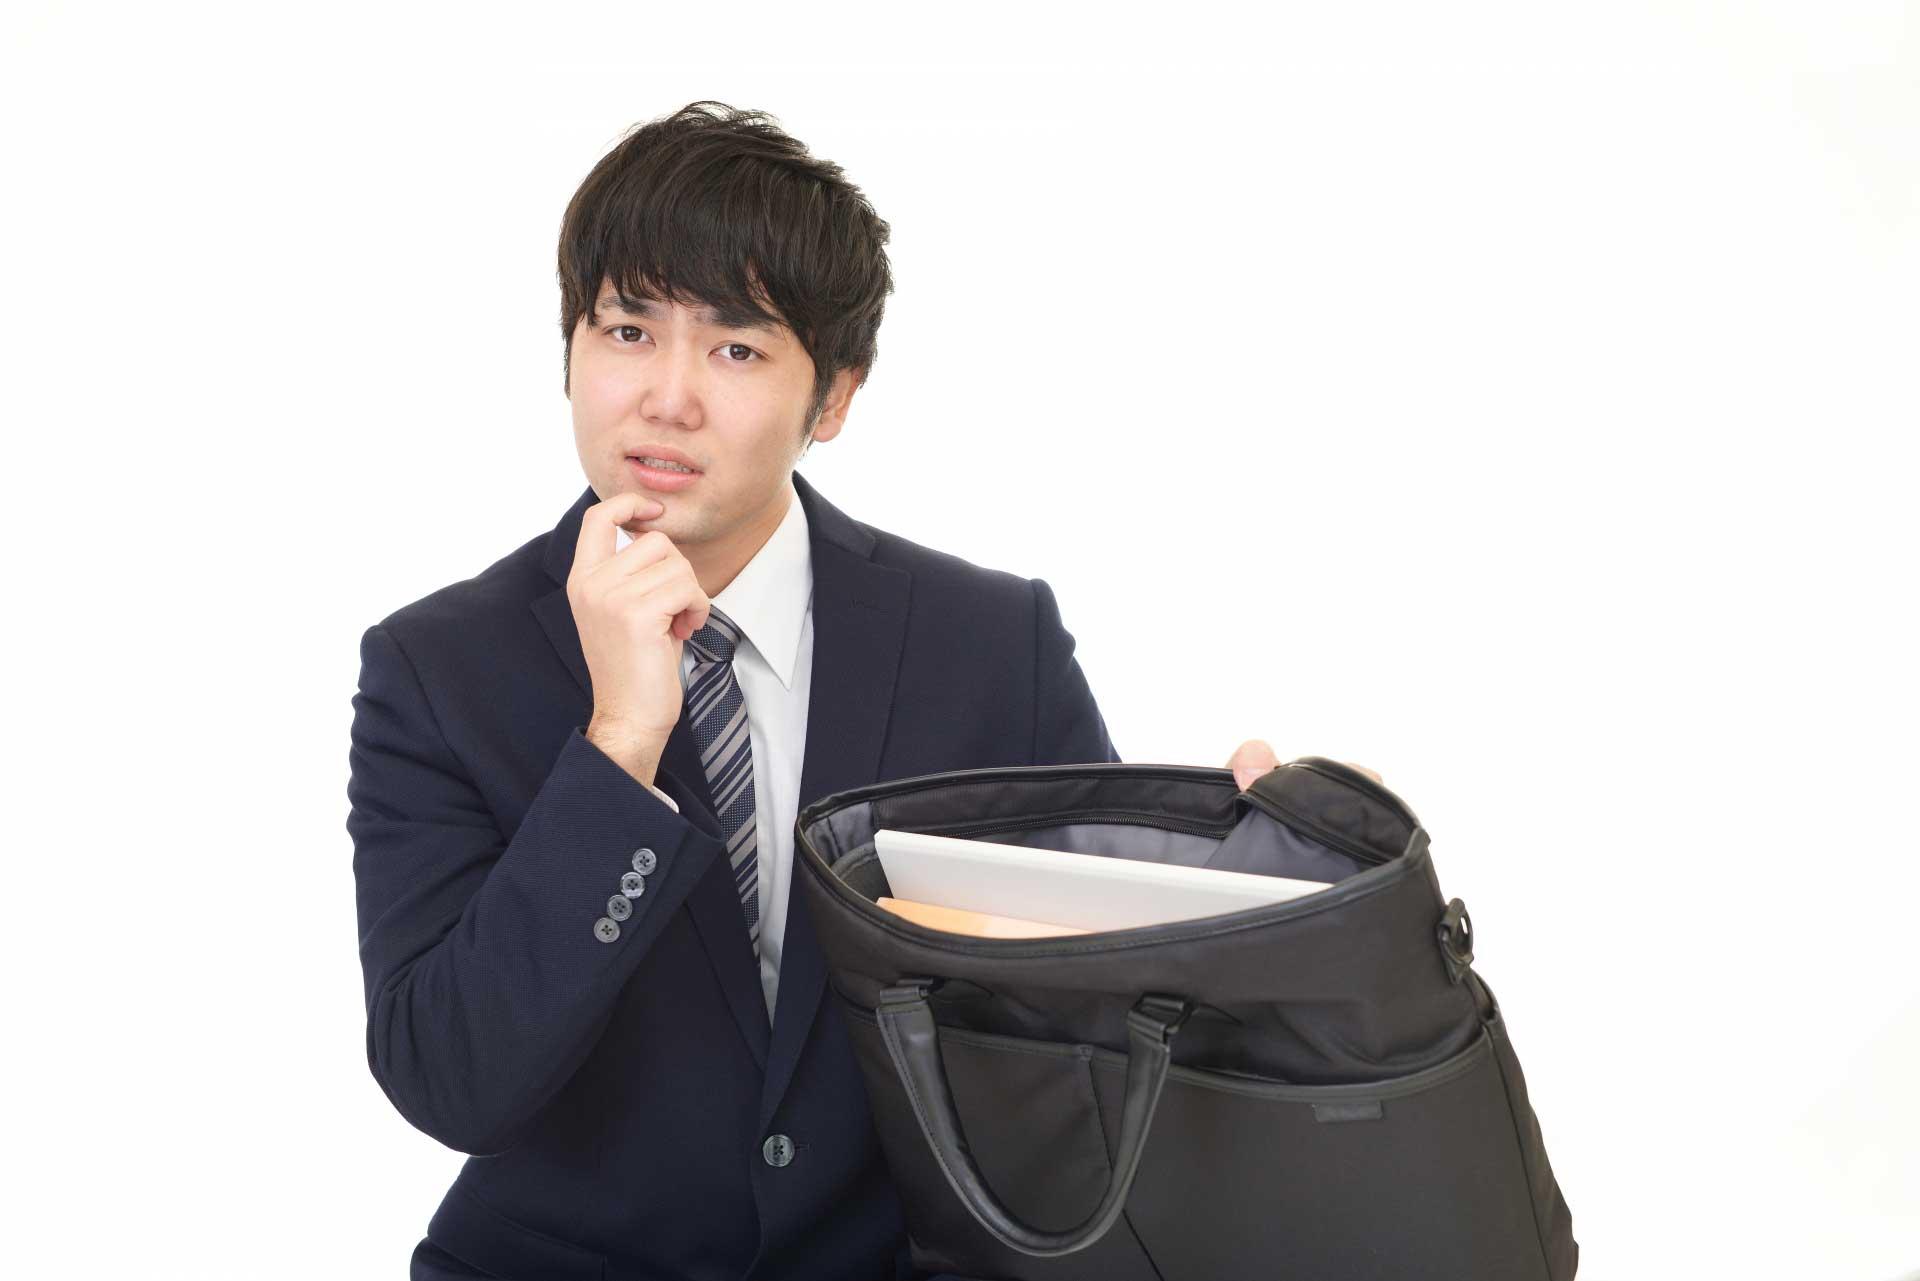 バッグの中身を見せて悩んでいる男性